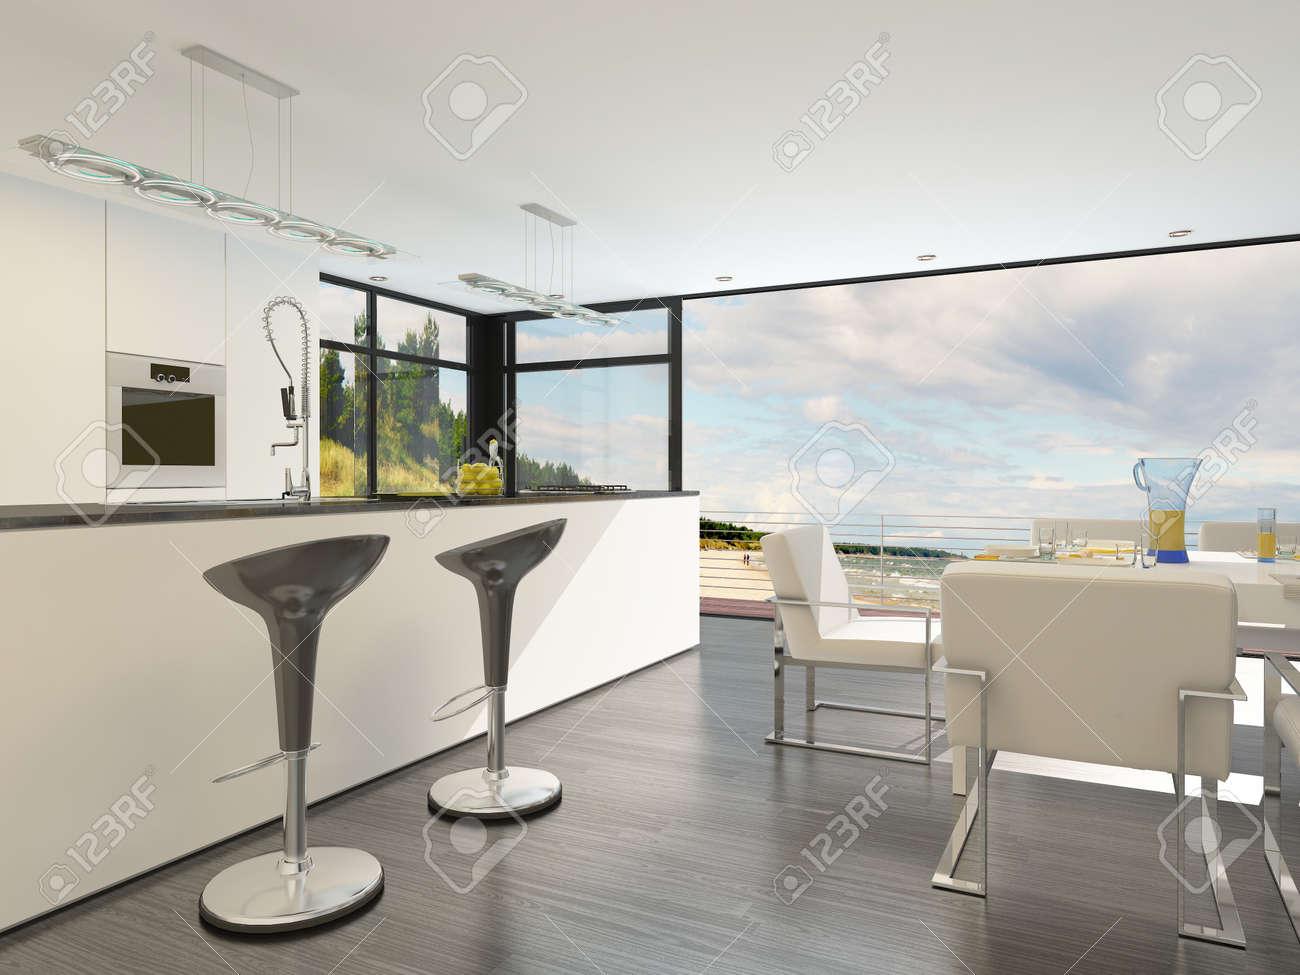 fd847129274b ... amazing cool cocina moderna planta abierta con una barra de bar con taburetes  de estilo bar de with taburetes para cocina americana with sillas altas ...